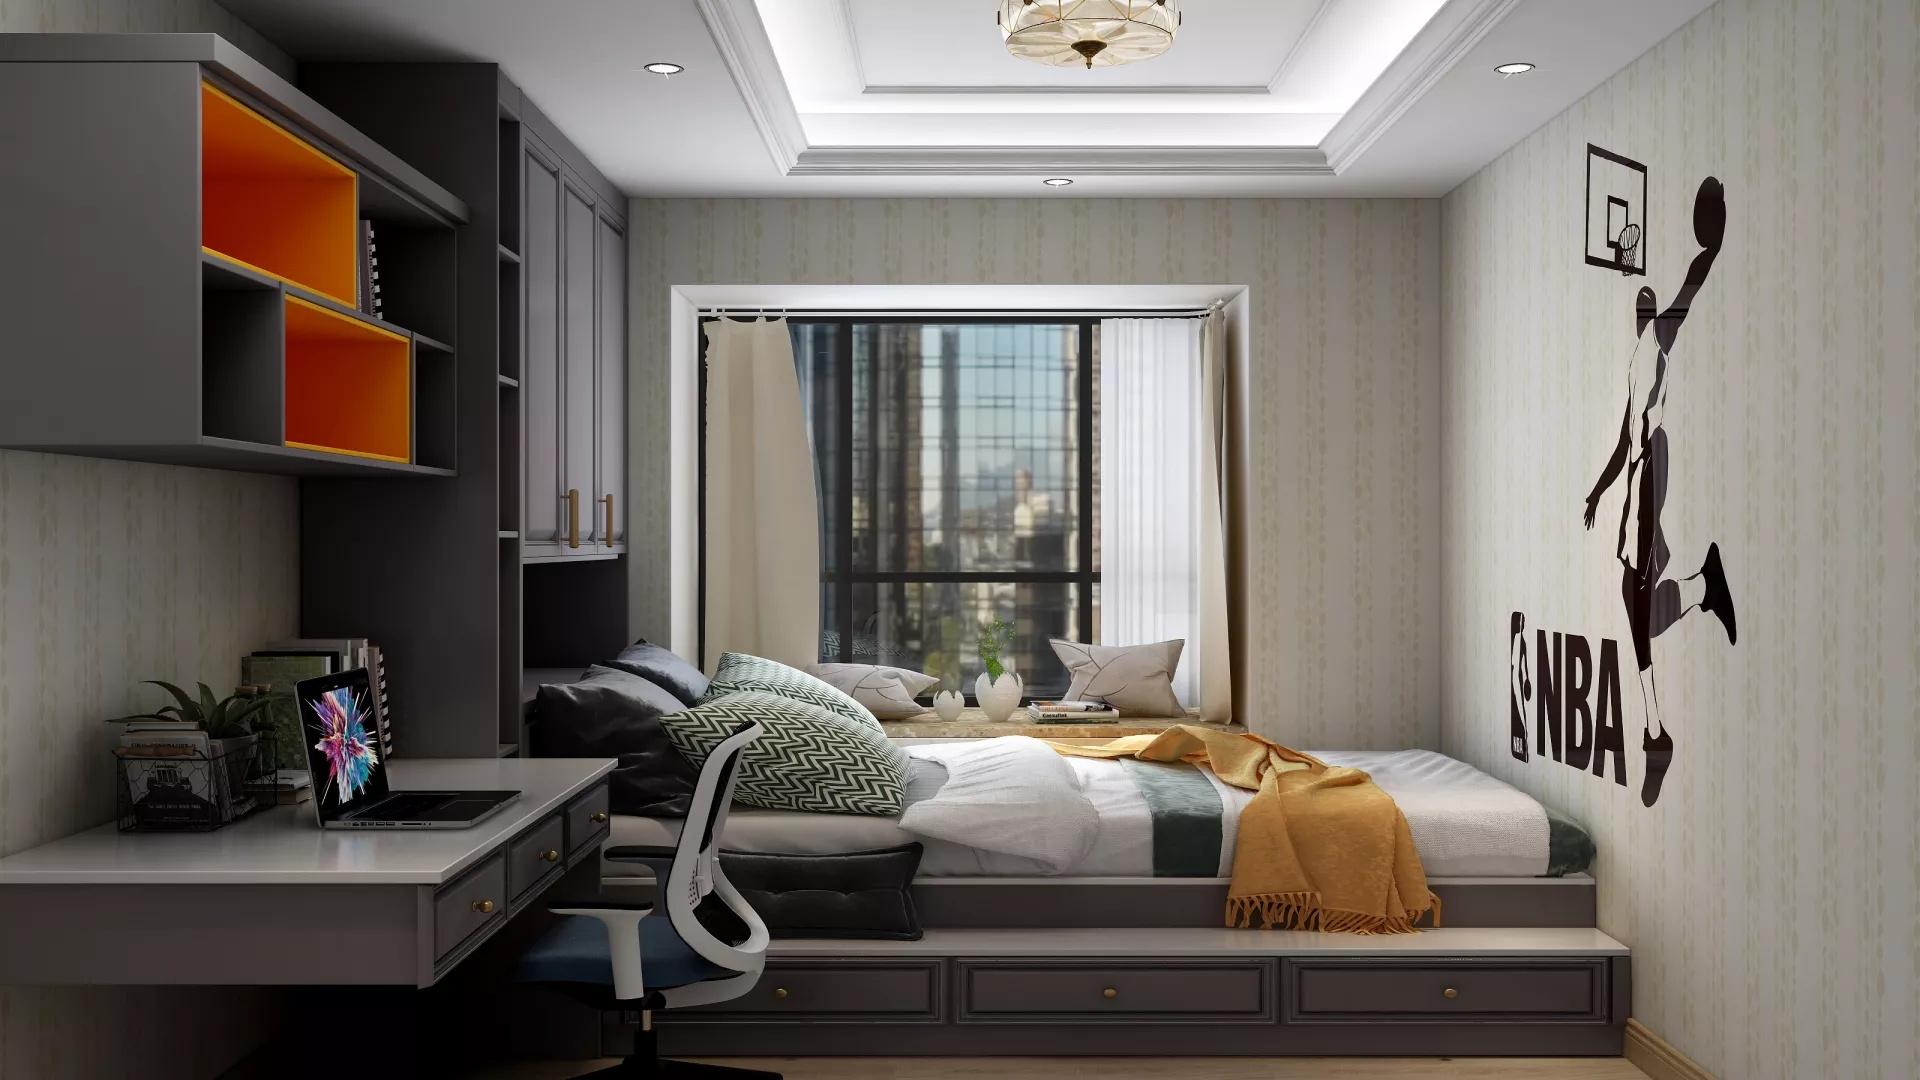 家庭装修吧台设计要点 室内装修吧台如何设计